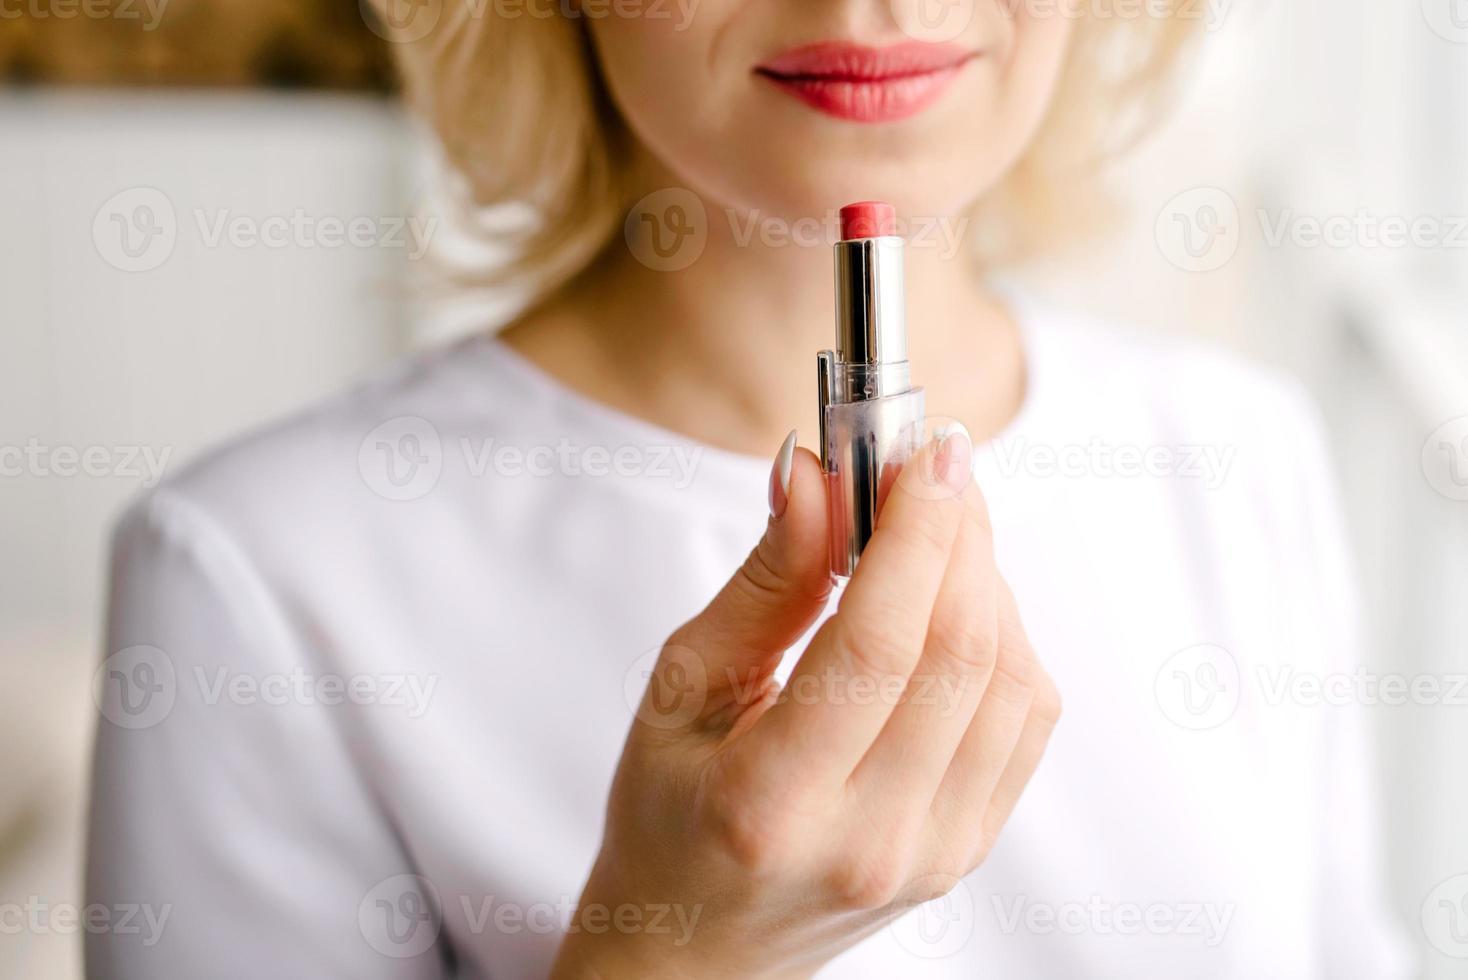 pintalabios para pintar los labios foto